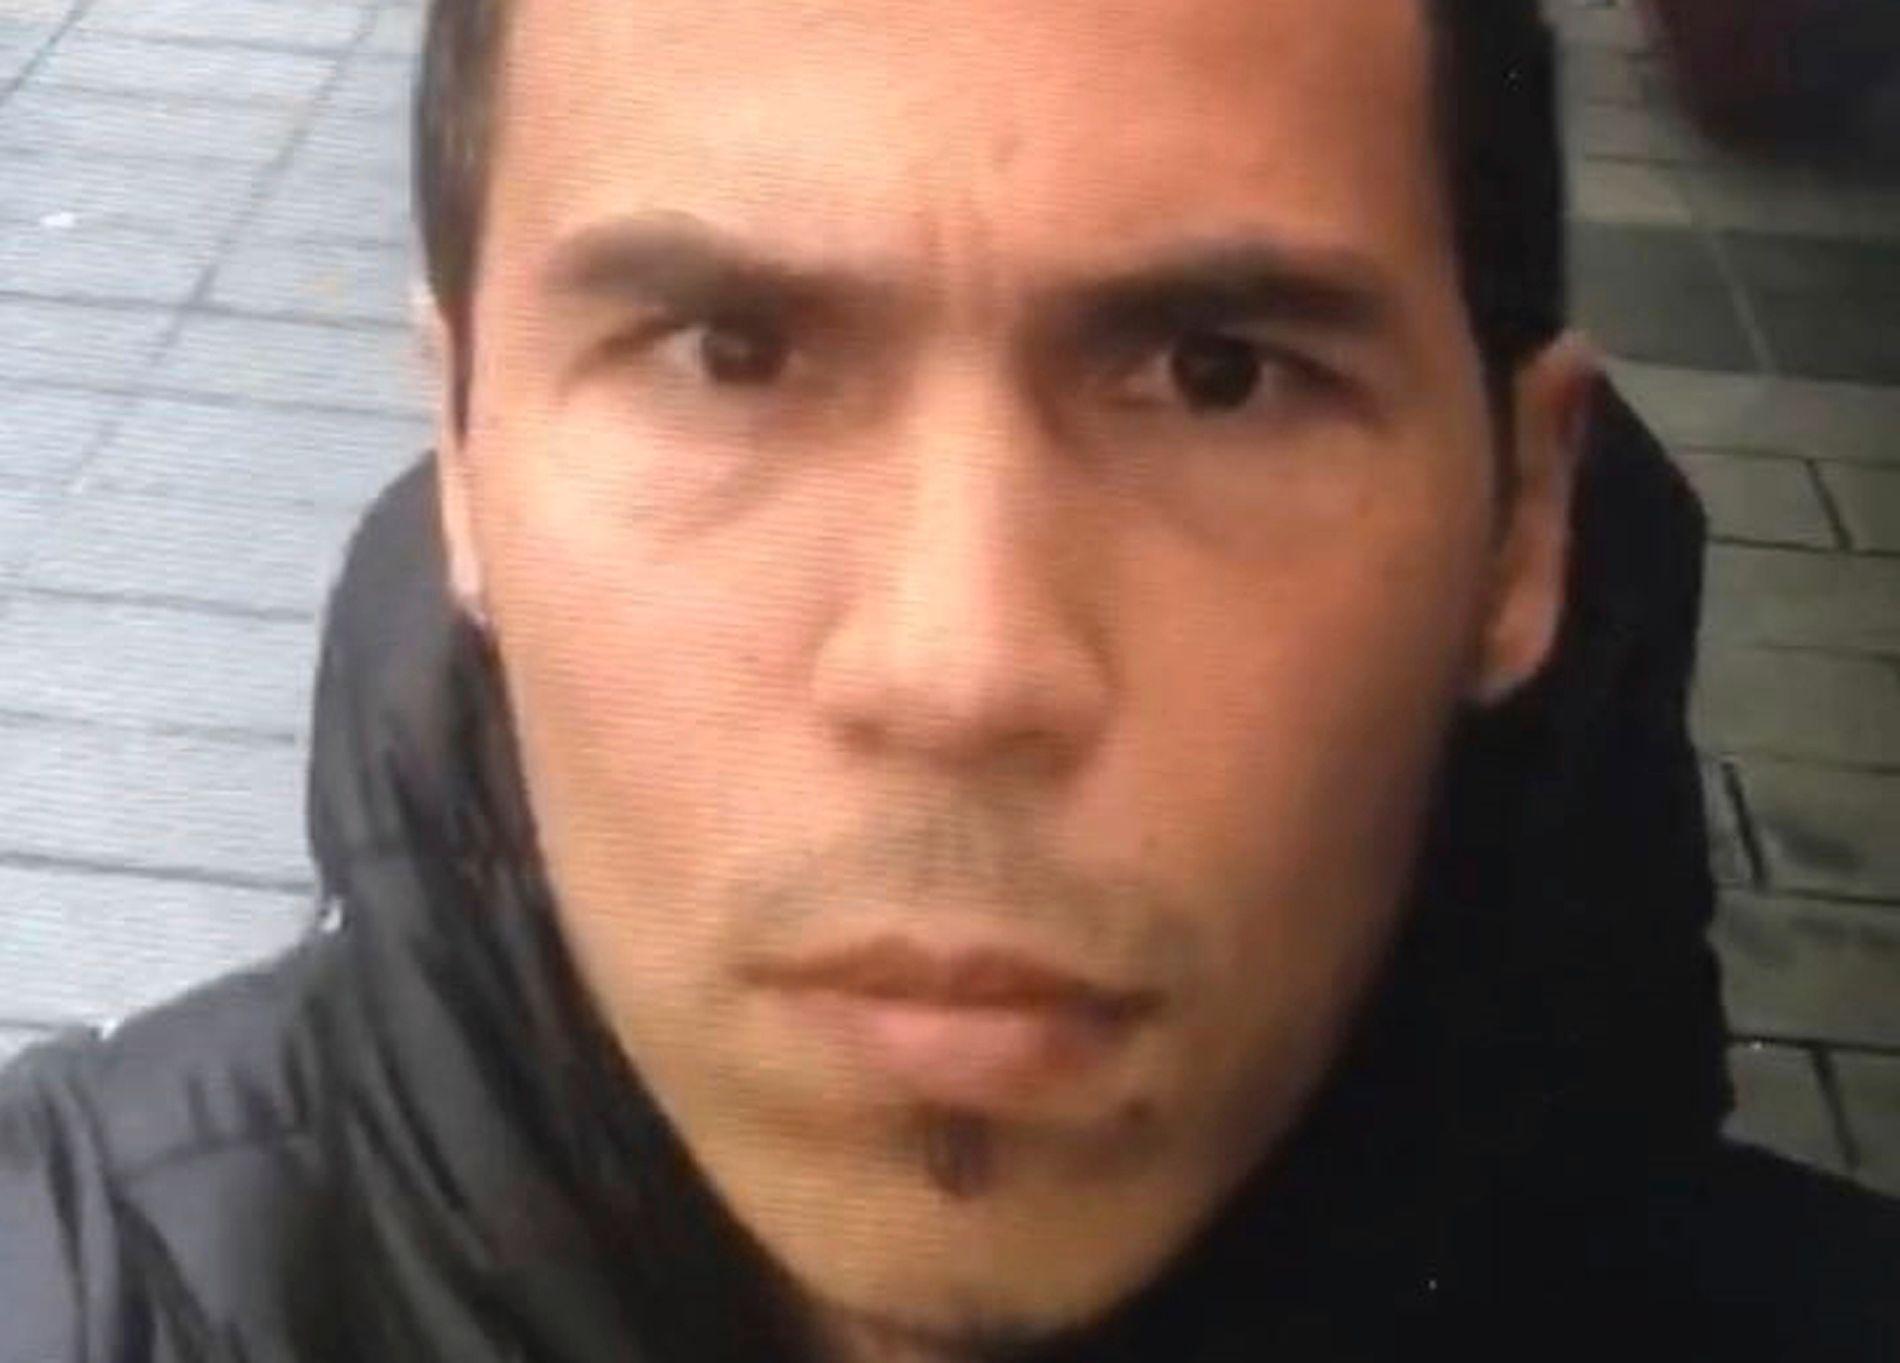 ETTERLYST: Tyrkisk politi har tidligere etterlyst denne mannen som antatt gjerningsperson bak nattklubbangrepet. Det er ikke bekreftet at det er den samme mannen tyrkiske myndigheter nå har identifisert.